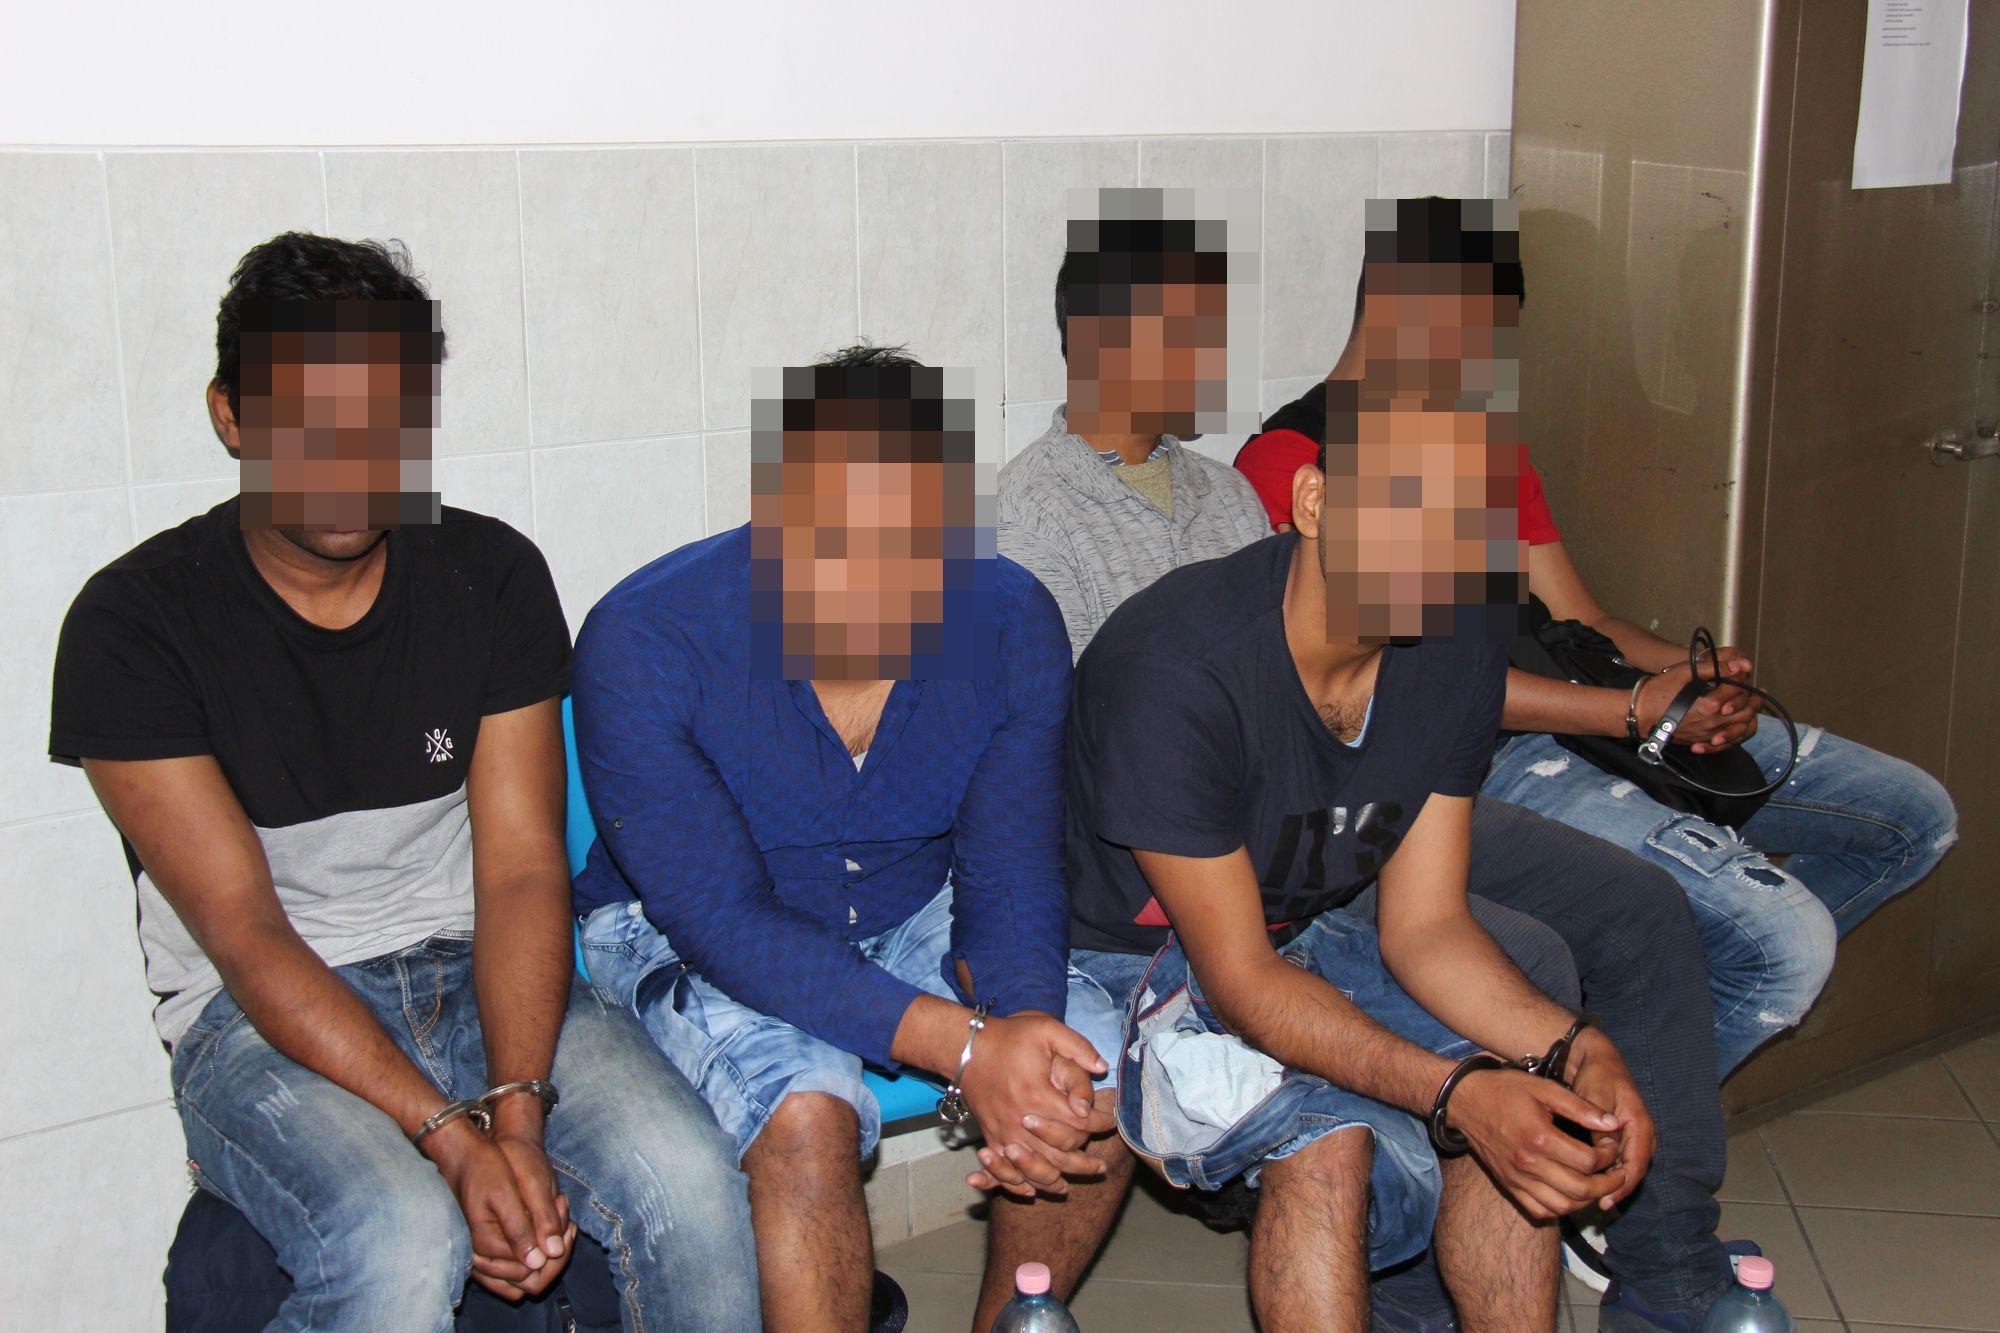 Embercsempészt és illegális határátlépőket fogtak el Nyírtura térségében